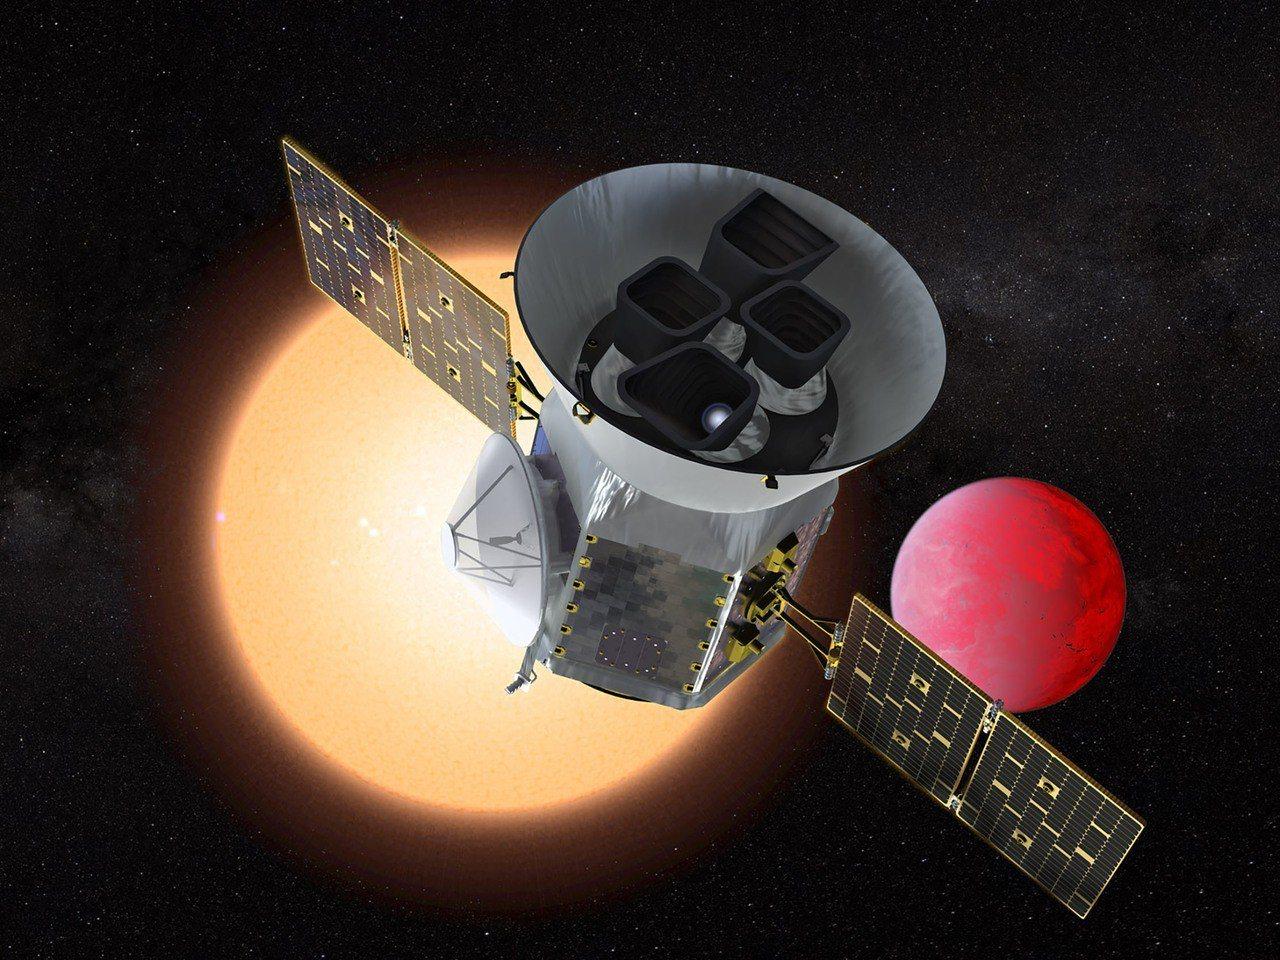 外媒報導,縮寫為Tess的凌日系外行星巡天衛星,將有如宇宙刺候,在太空軌道上對鄰...